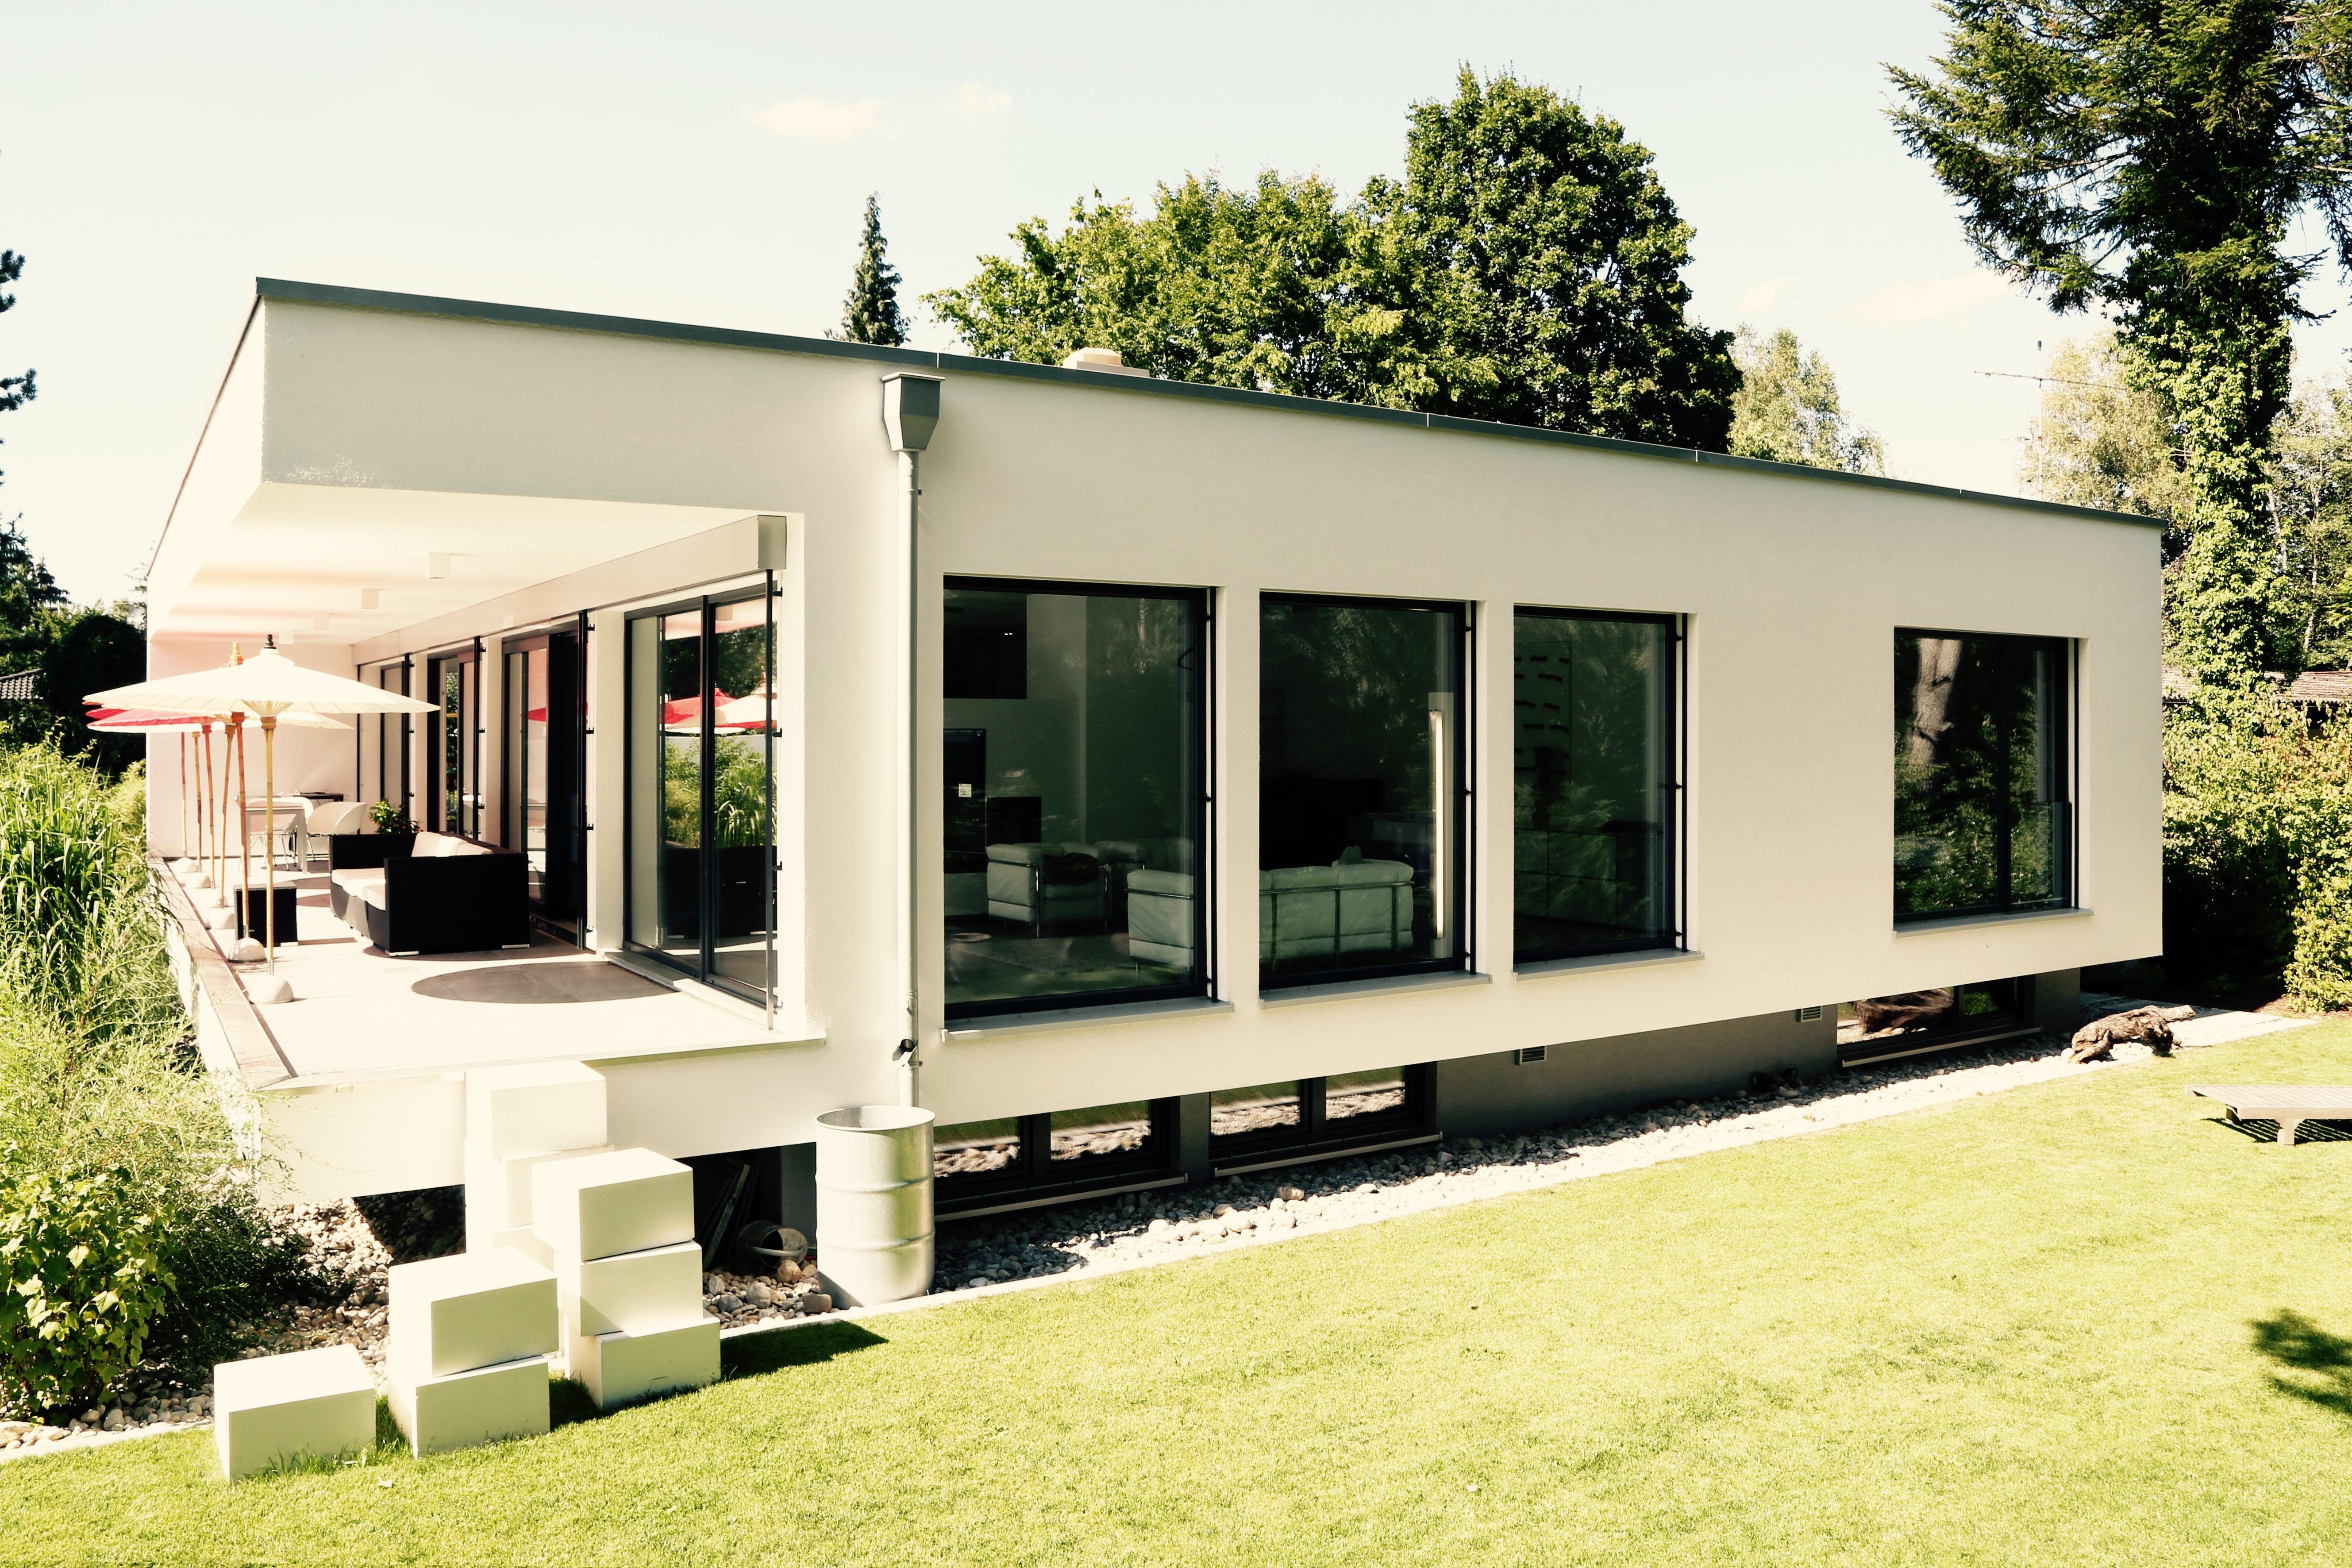 Architekten Bewertung bauhaus villa in münchen waldtrudering bauemotion de